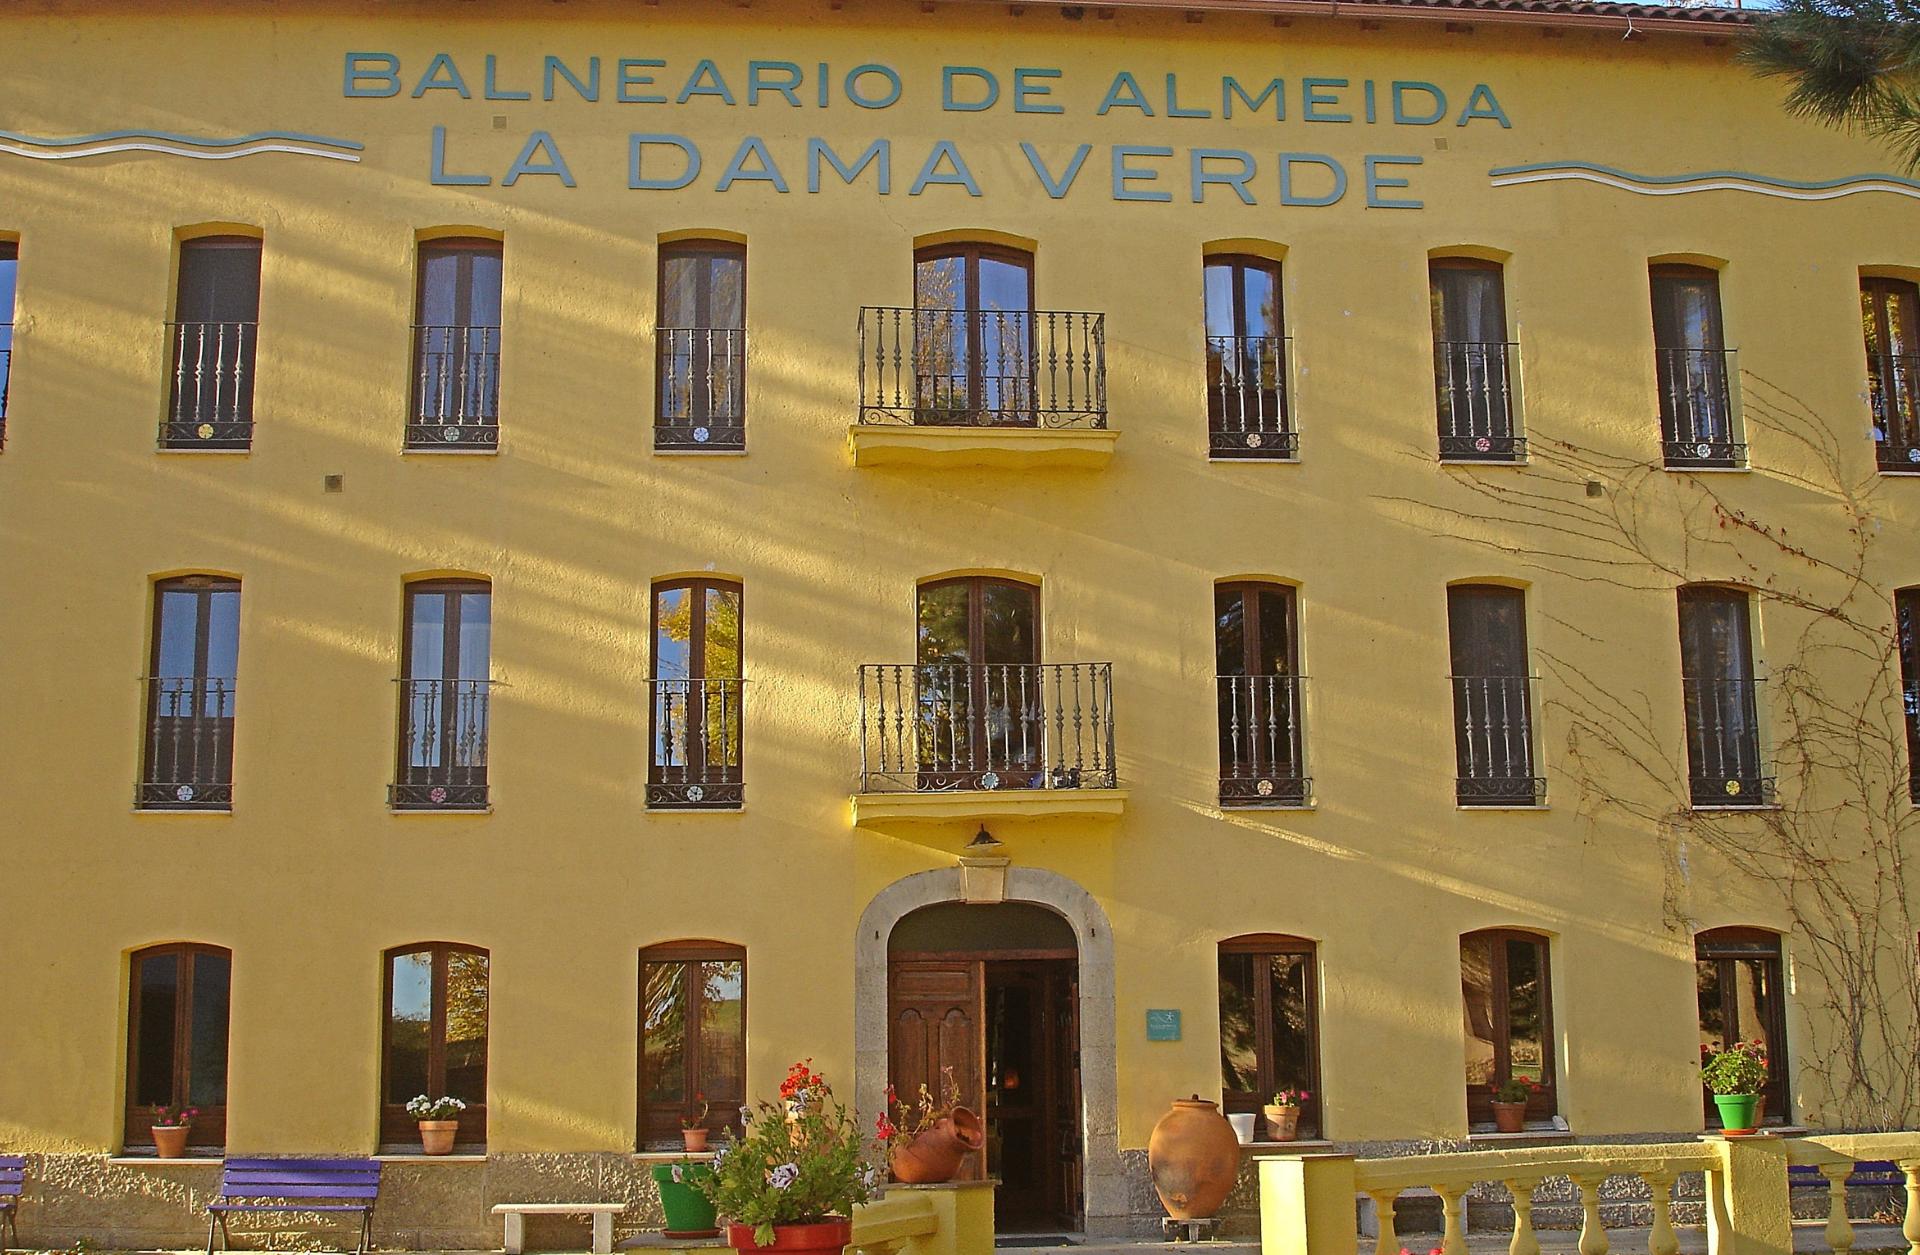 Balneario de Sayago_La Dama Verde